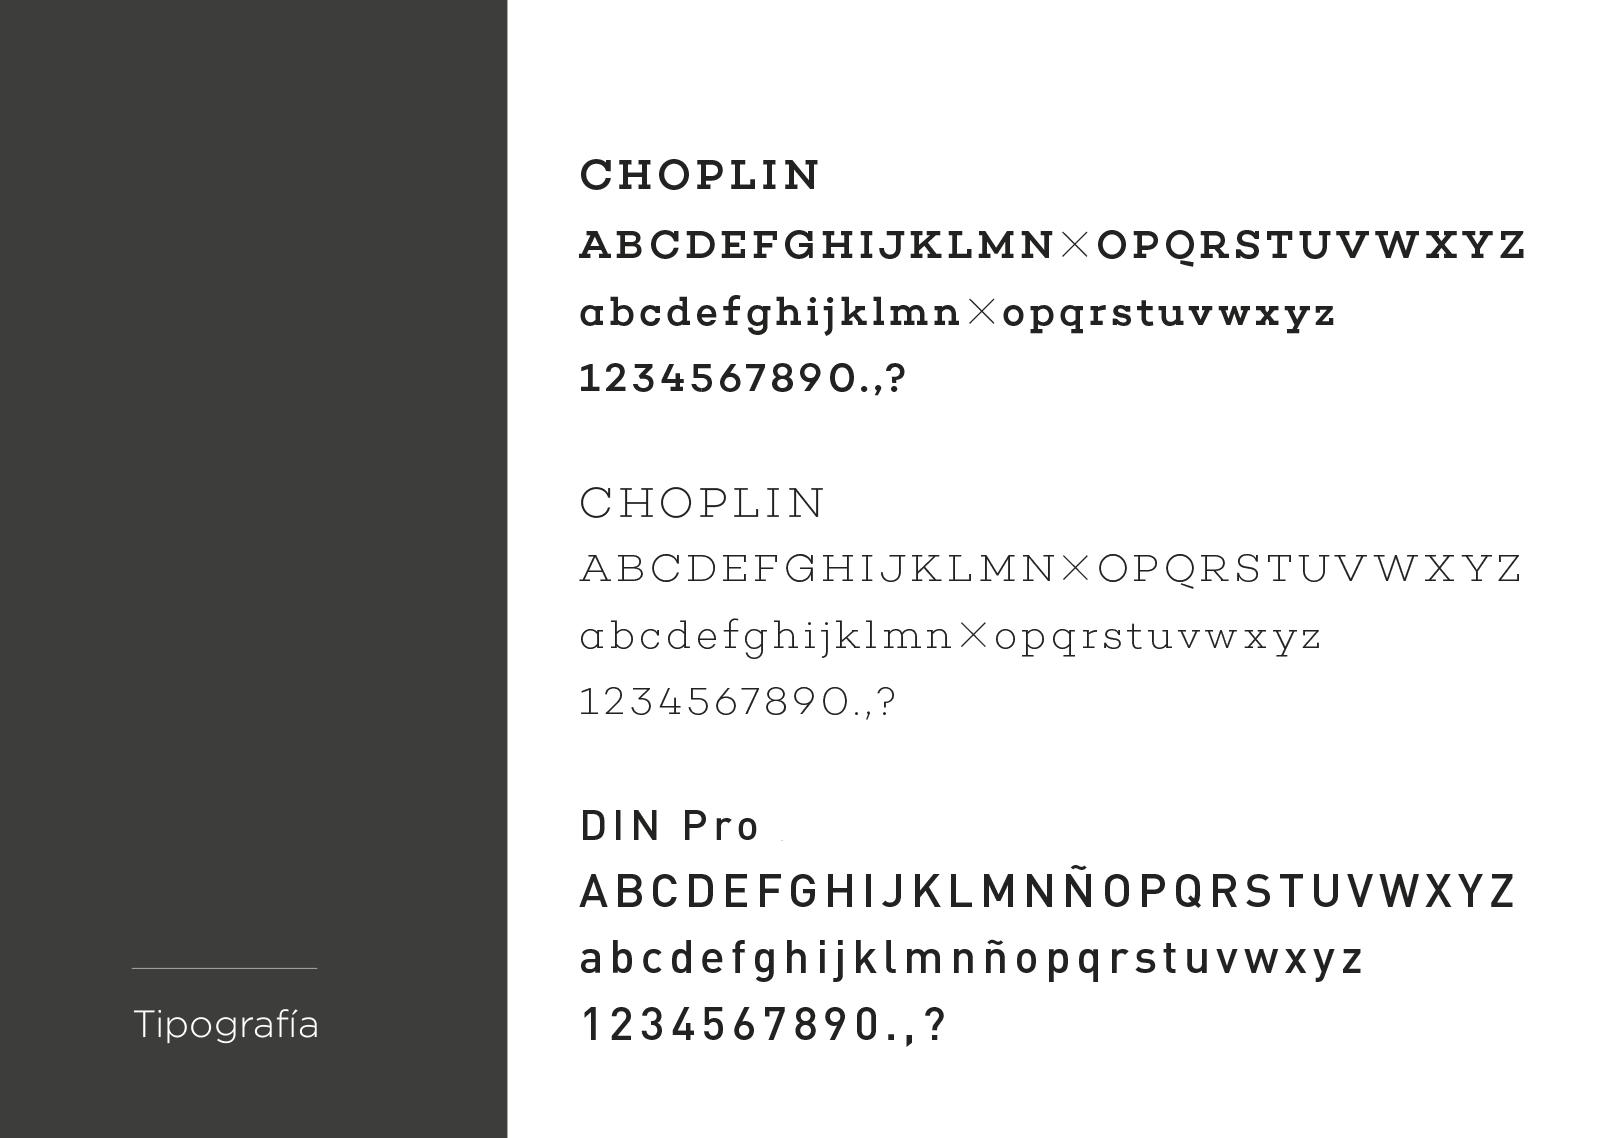 tipografia para etiquetas de aceite de oliva